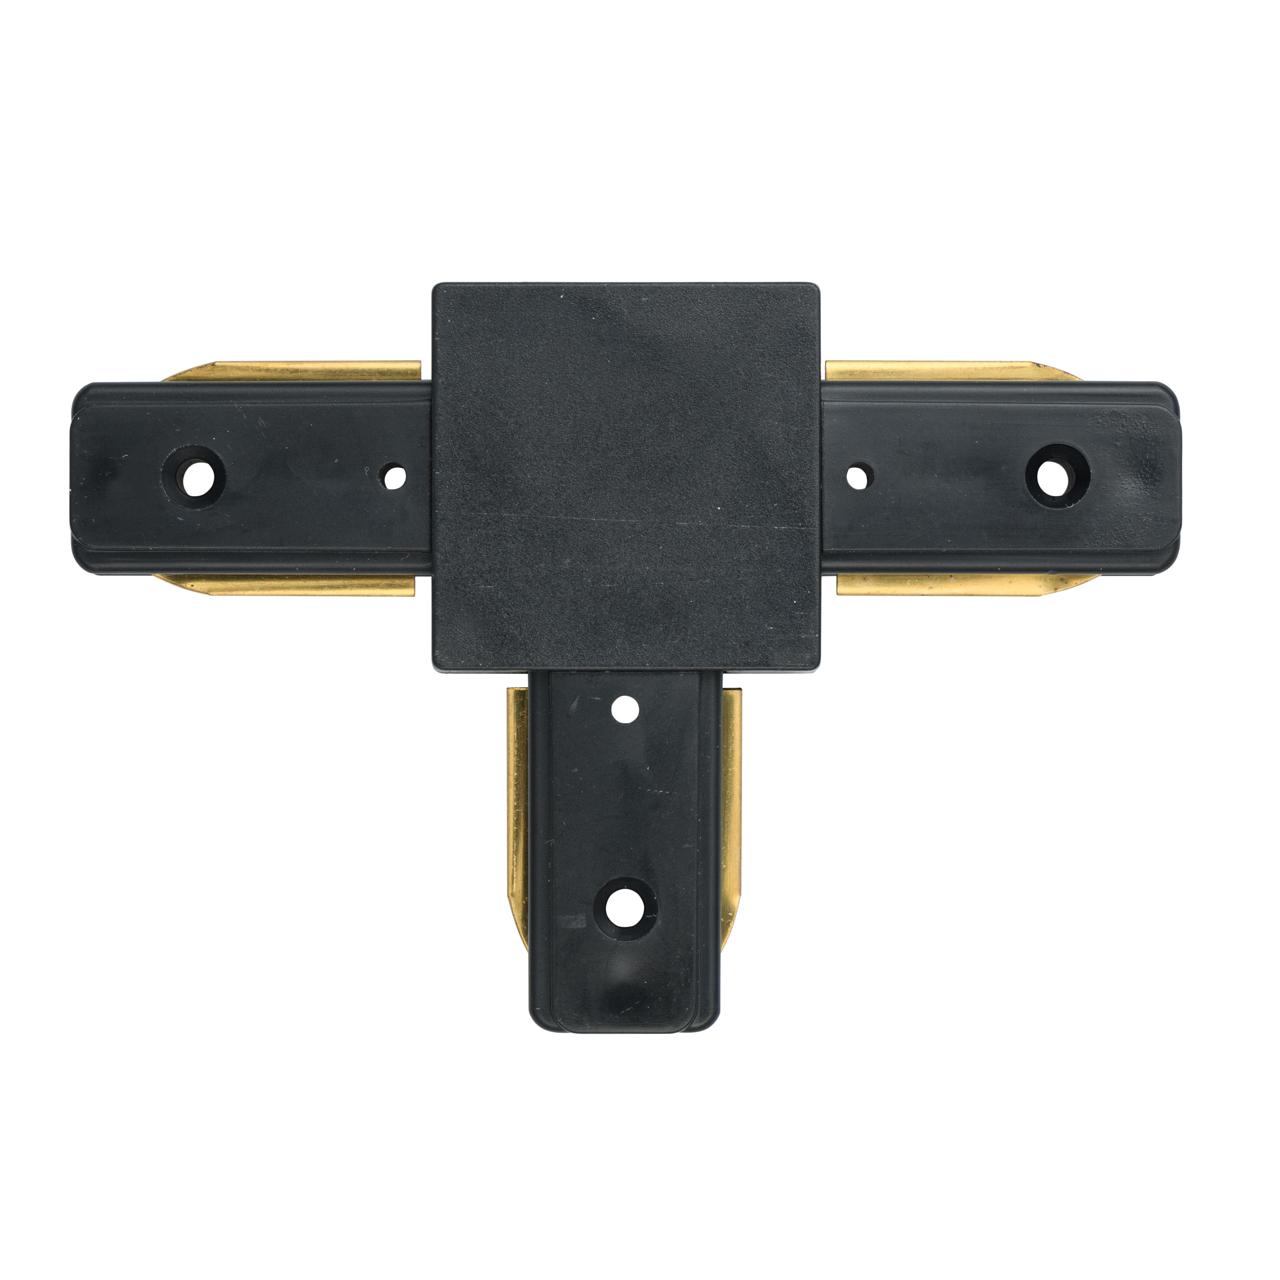 T-образный соединитель для шинопровода De Markt CON 2T BL, черный, металл, пластик - фото 1